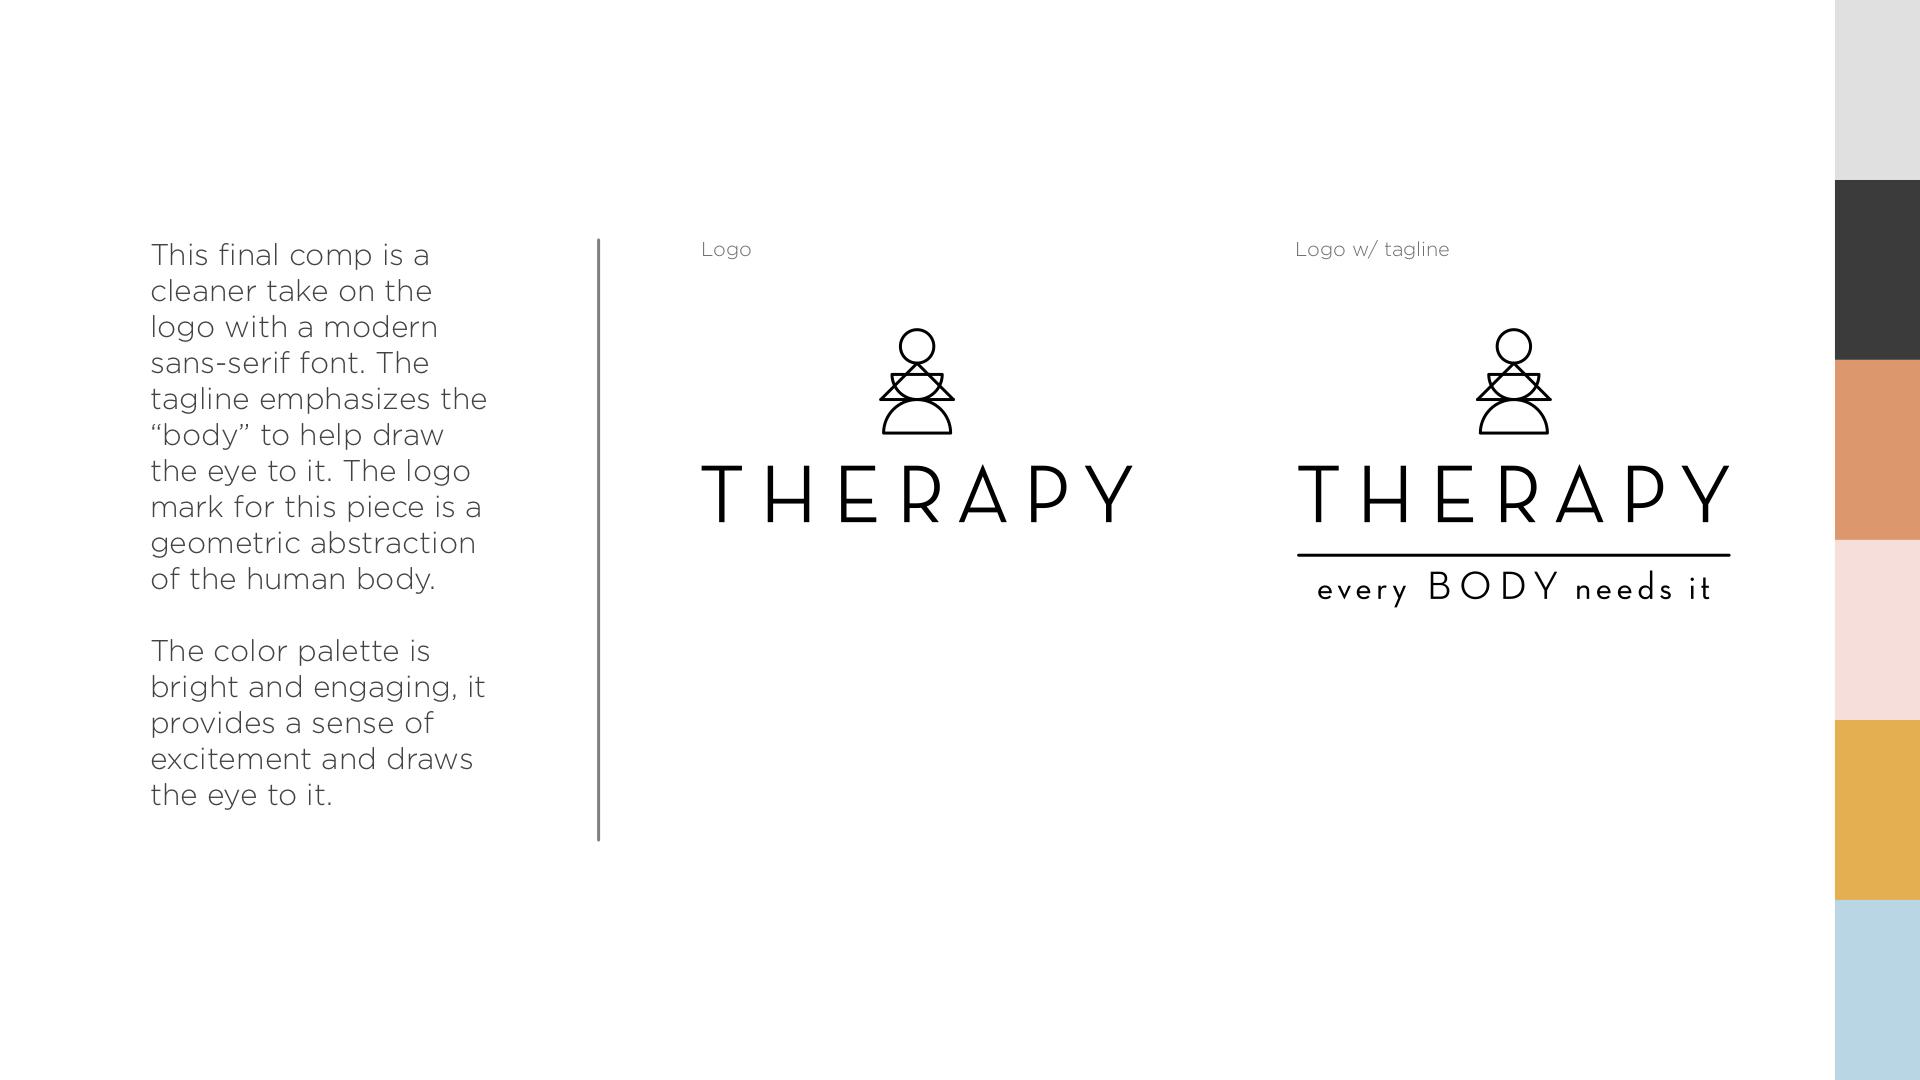 TherapyLogo_v1-3.jpg